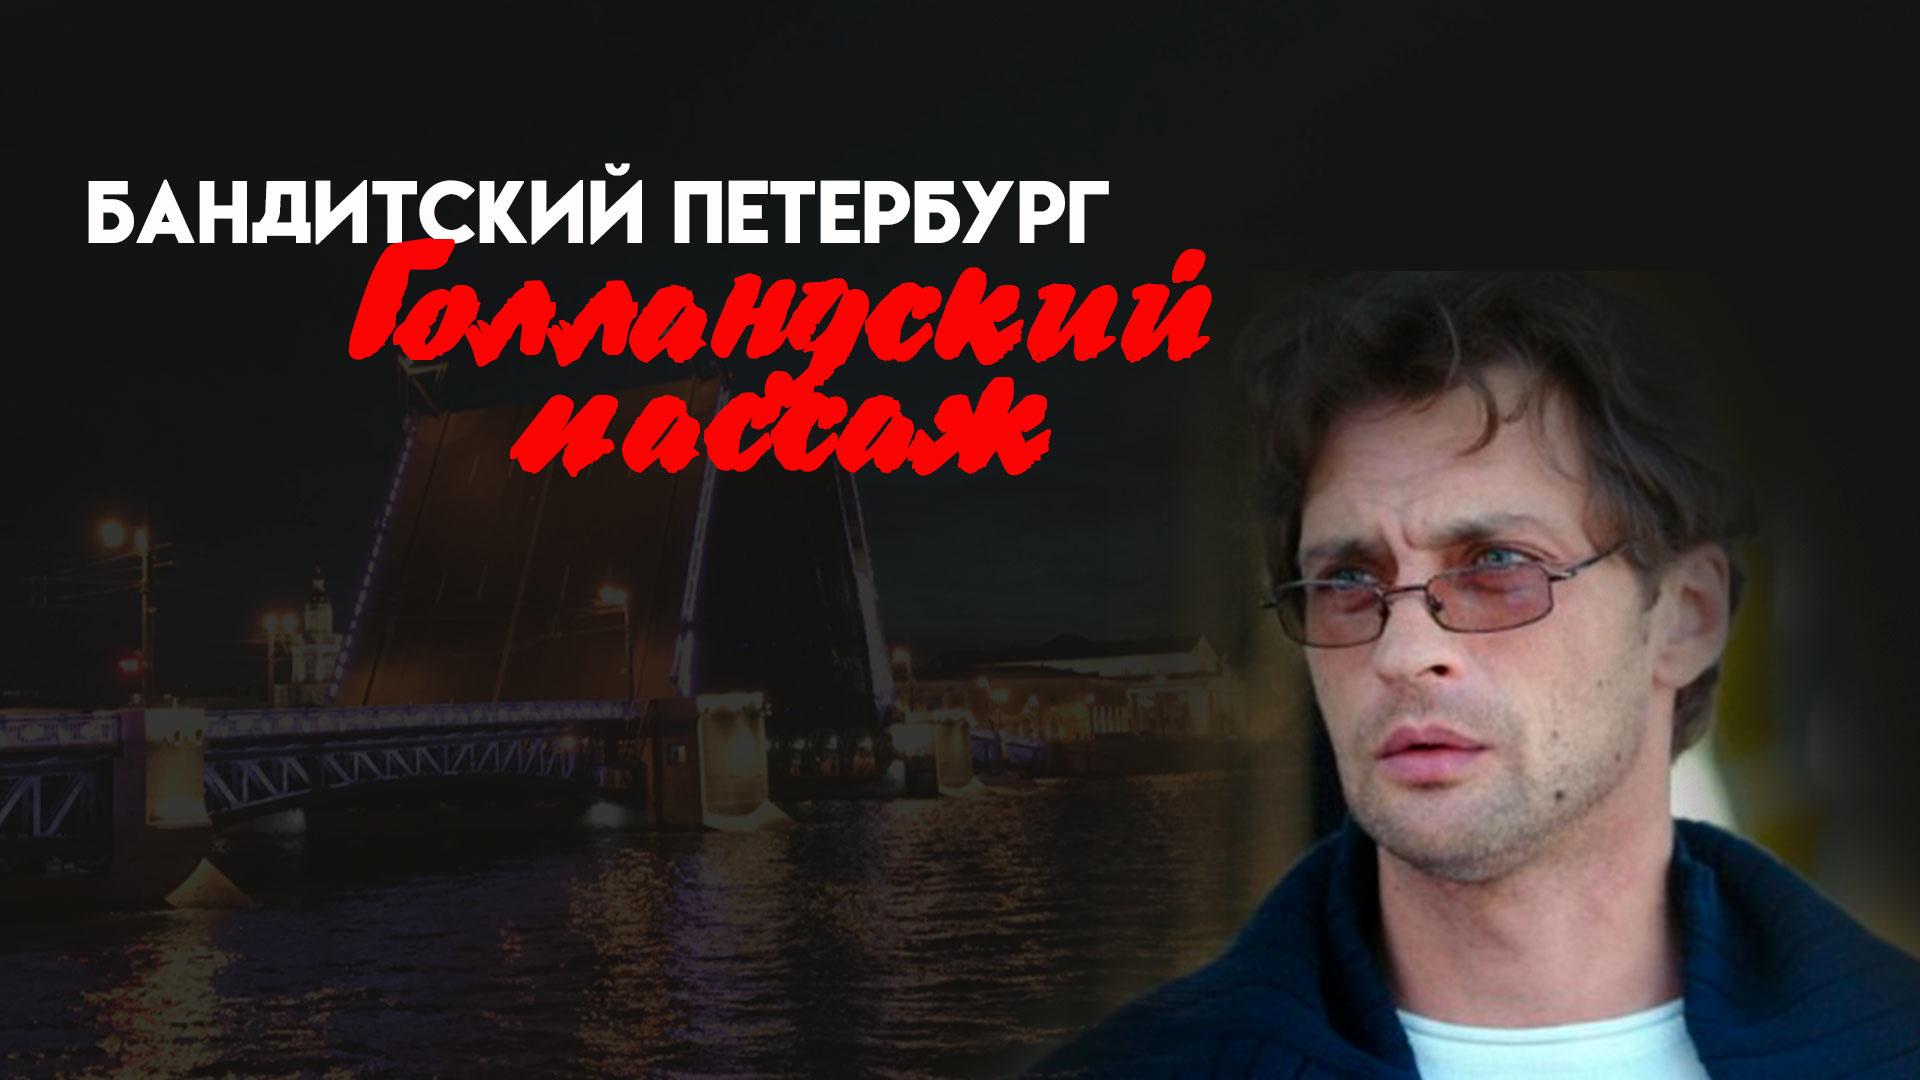 Бандитский Петербург. Голландский пассаж